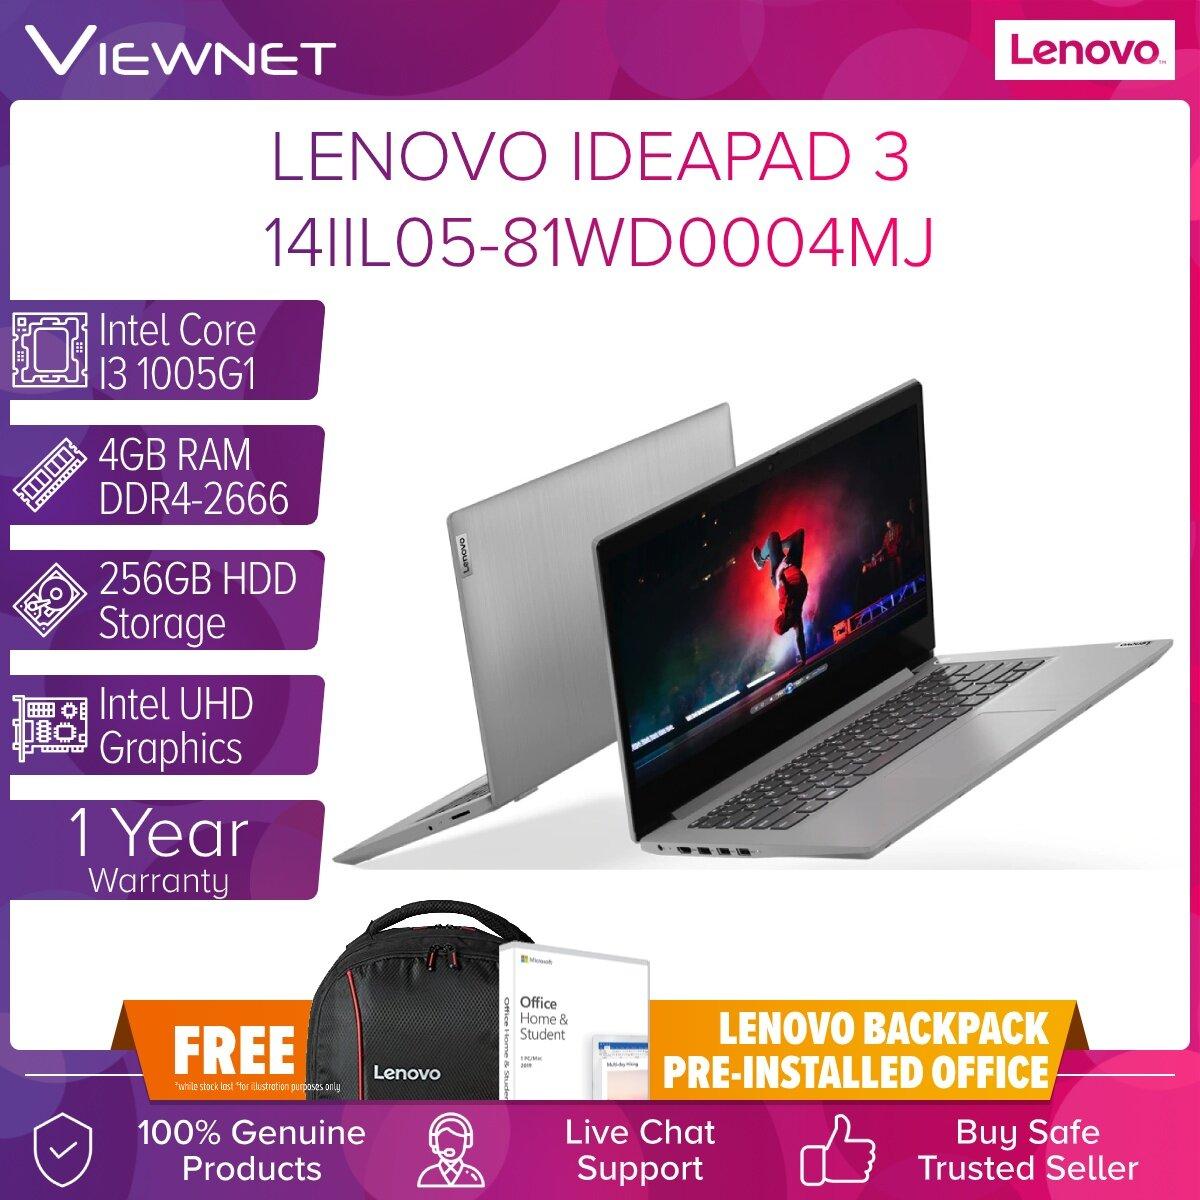 LENOVO IDEAPAD 3 14IIL05 81WD0004MJ, 81WD0002MJ, 81WD0003MJ Laptop INTEL I3 1005G1 4GB DDR4 256GB M.2 PCIE INTEL HD W10 14